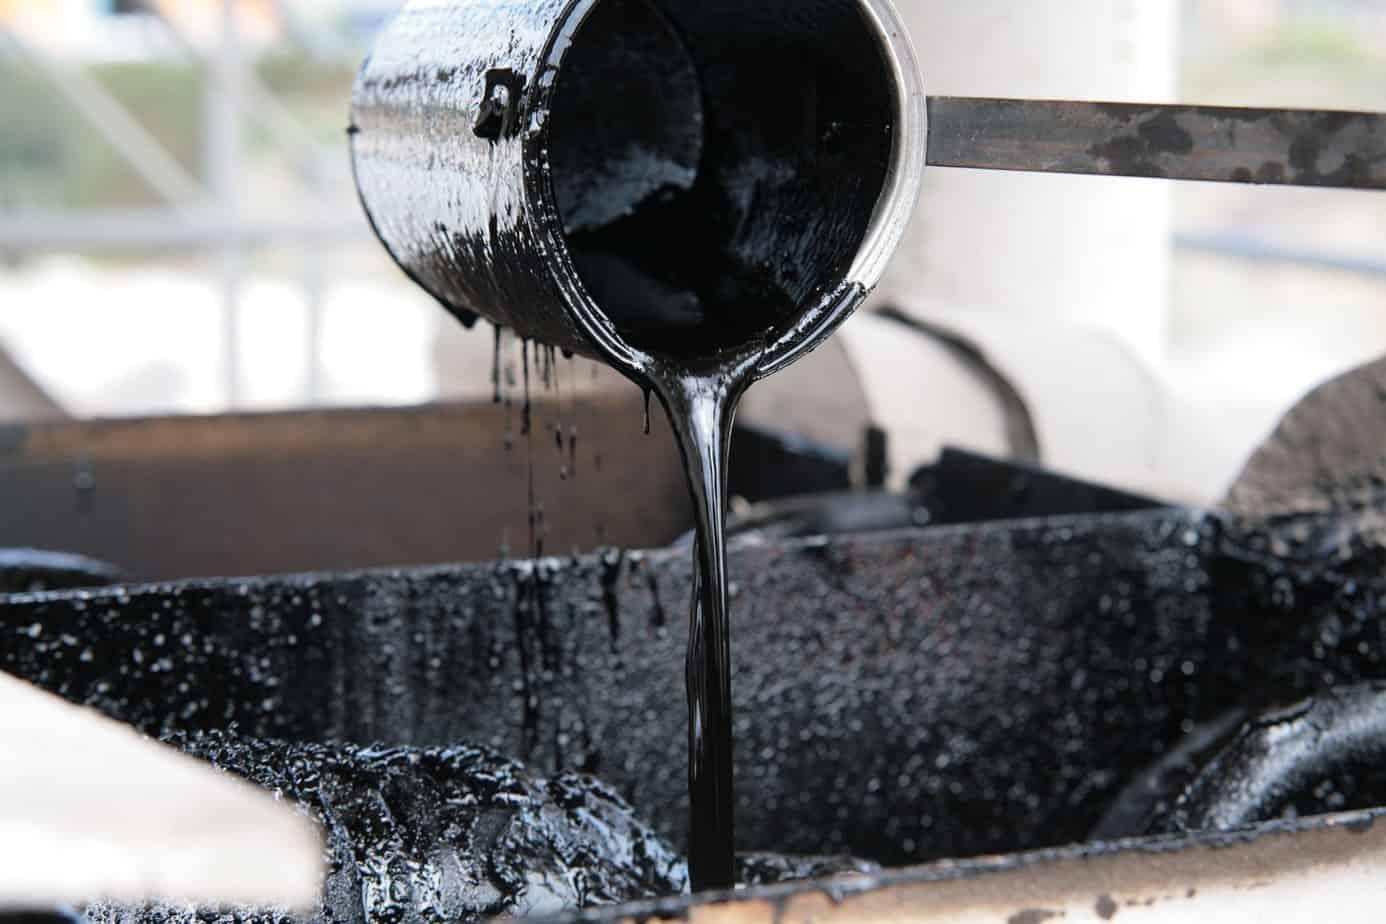 L'aggiunta di polverino di gomma migliora le caratteristiche reologiche del bitume, consentendo minori emissioni sonore e maggiore durata della pavimentazione